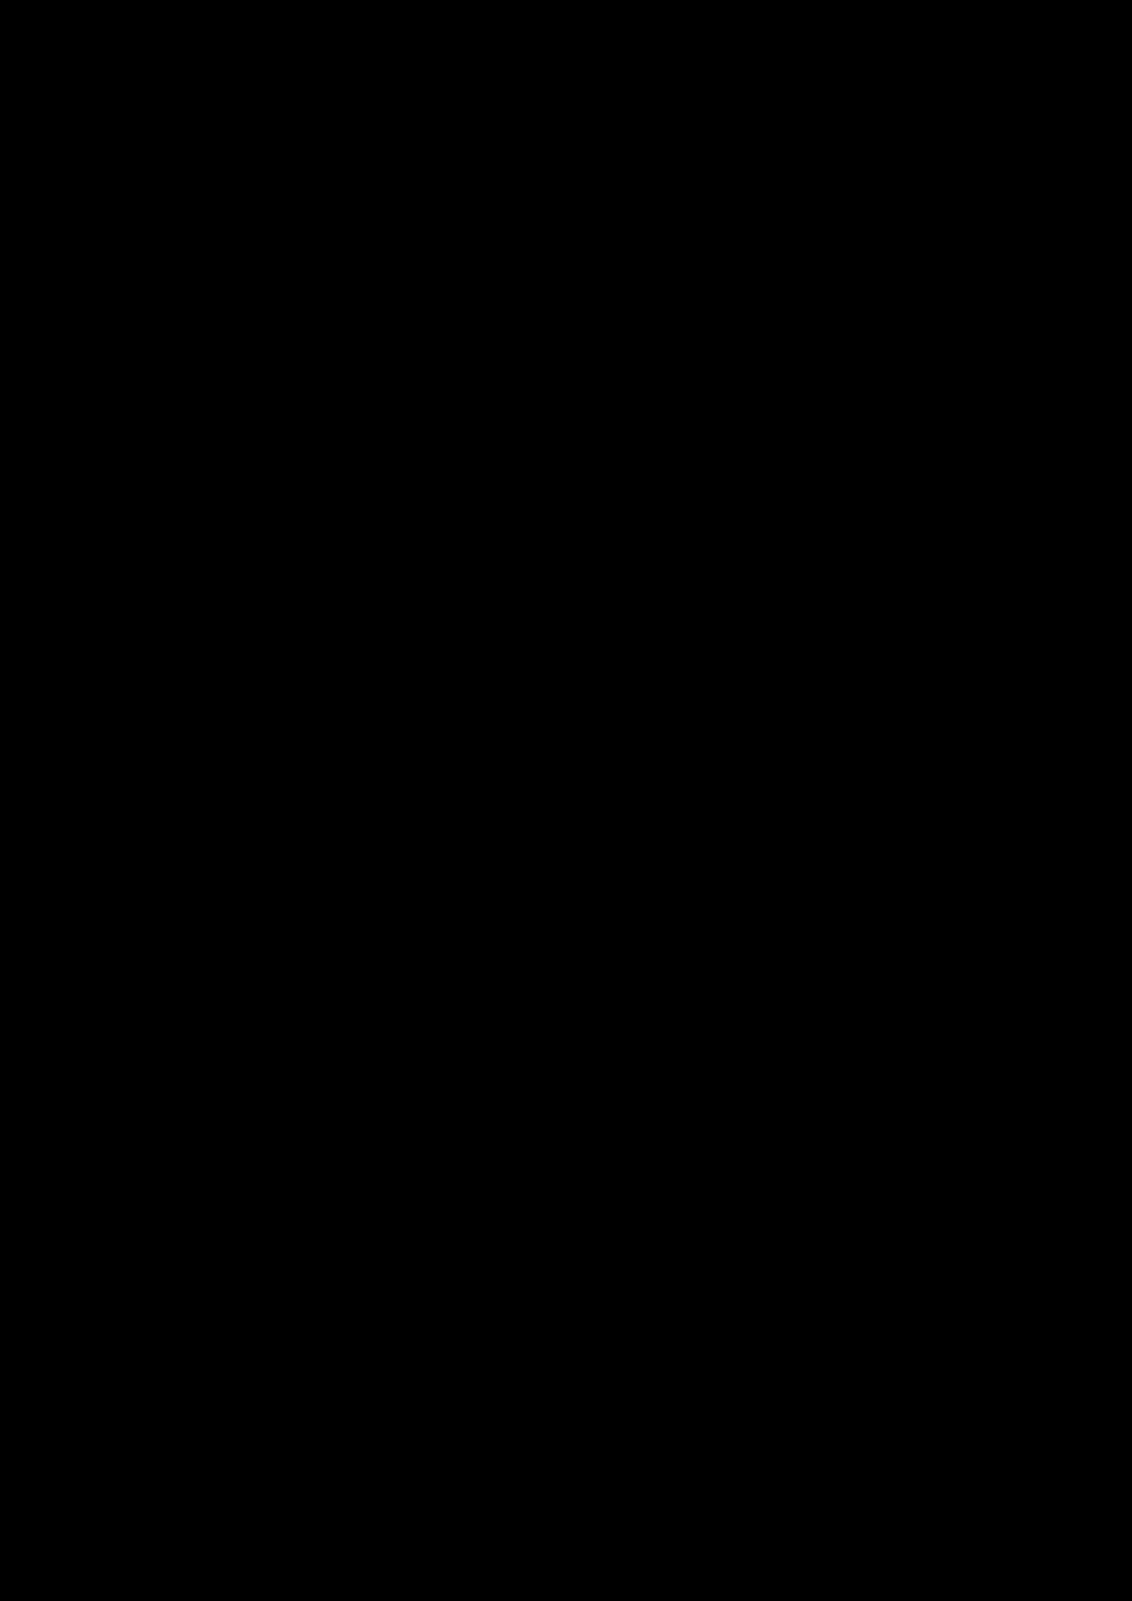 Hools slide, Image 1